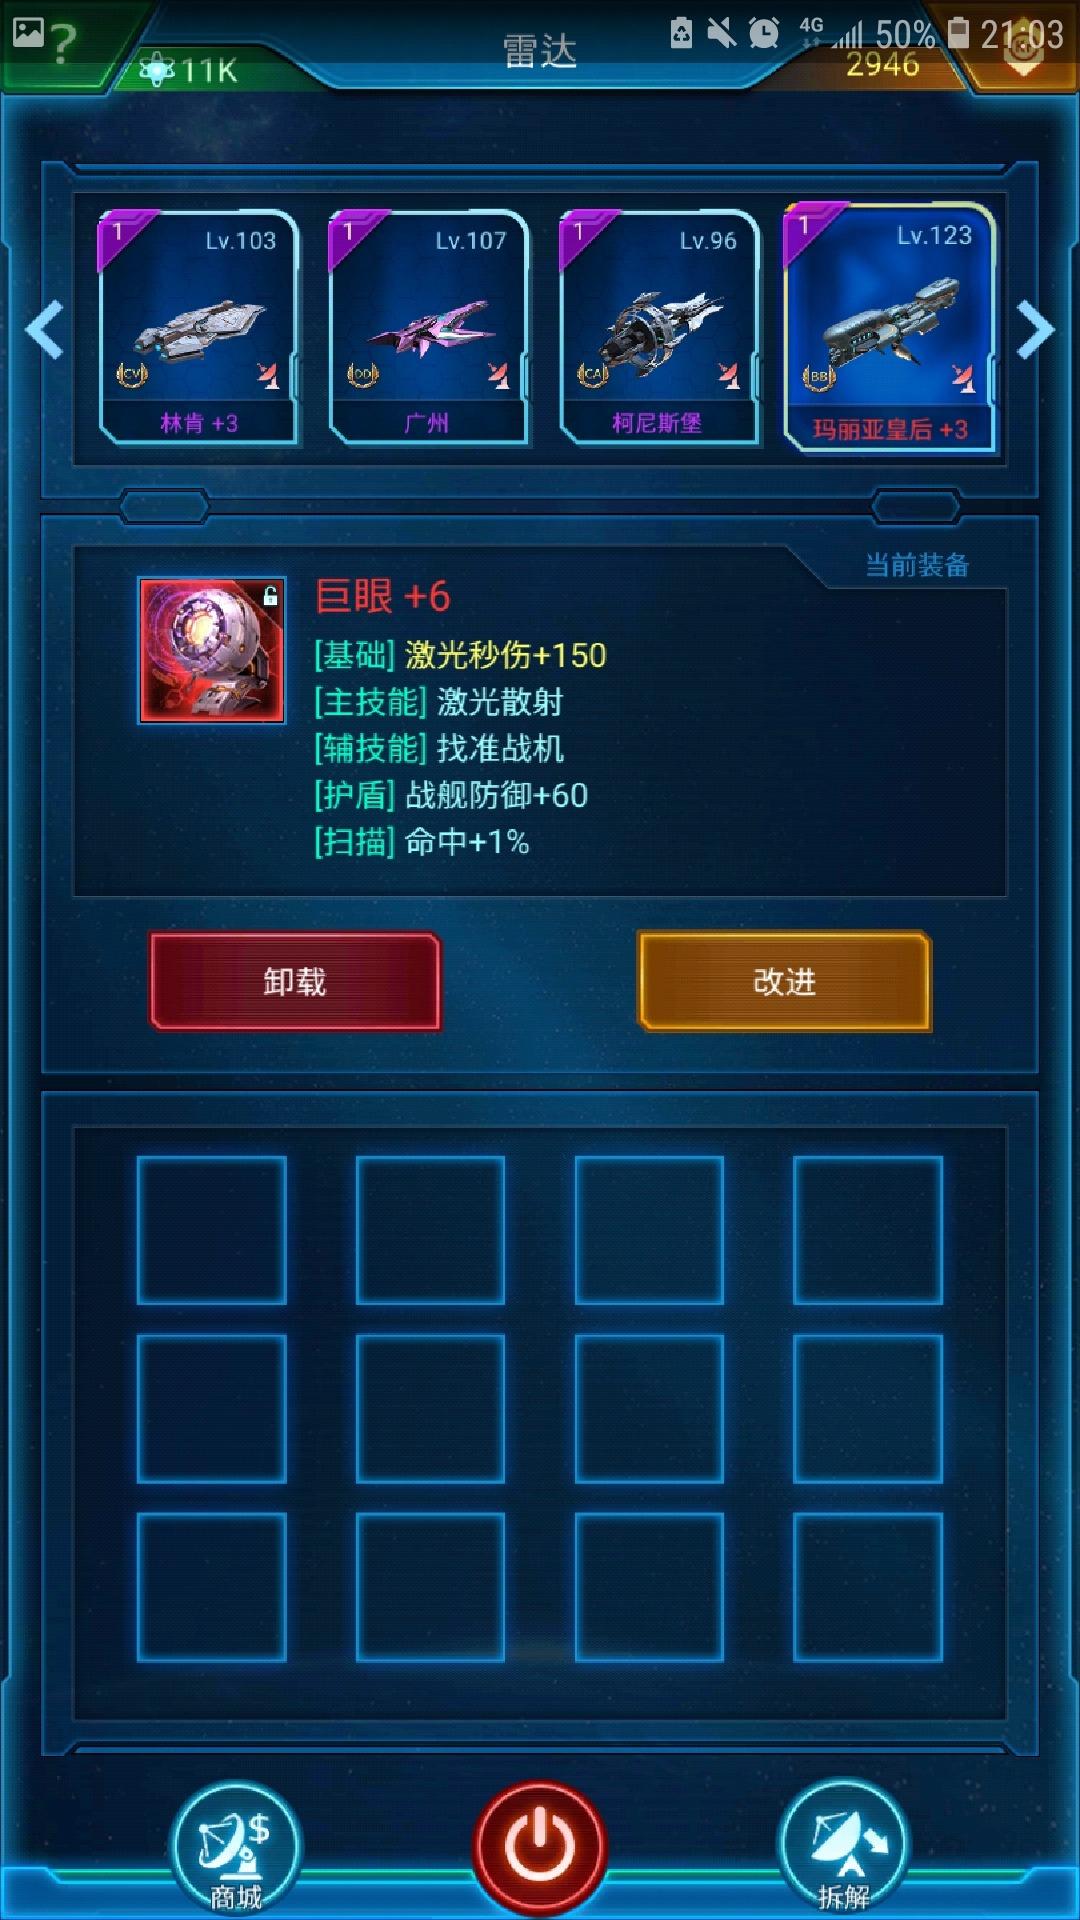 Screenshot_20190317-210332.jpg